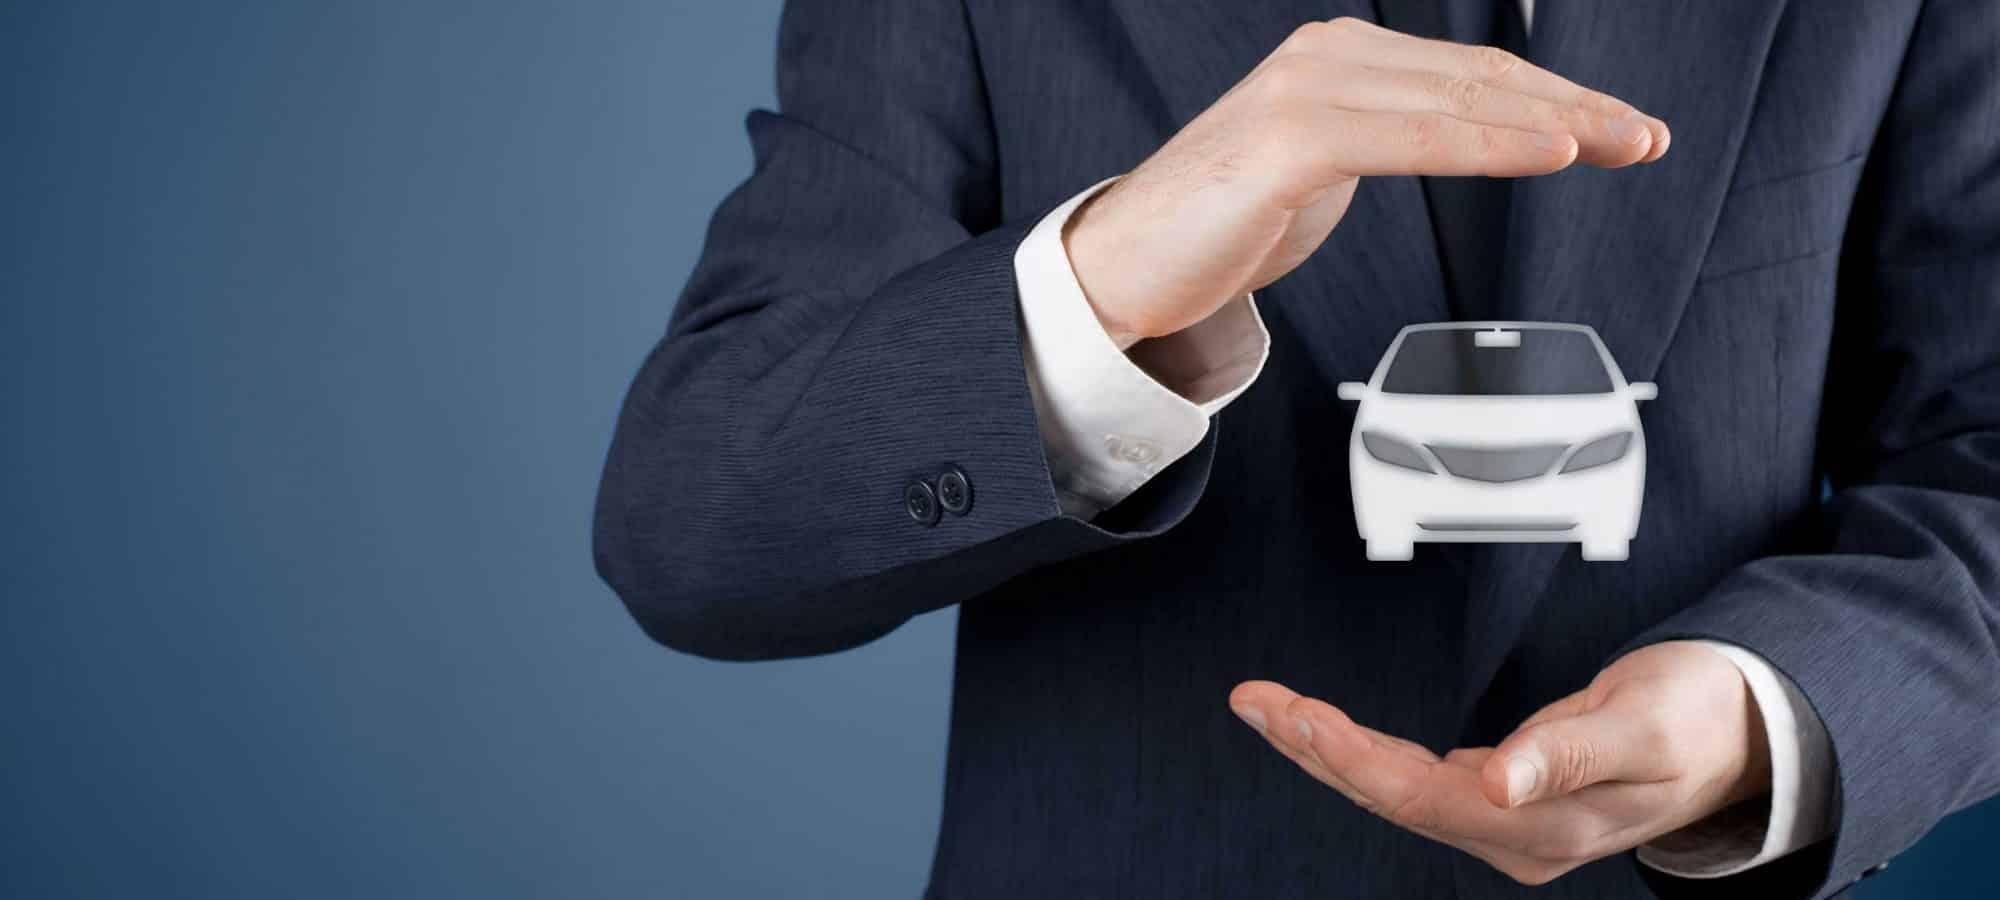 no-fault-insurance-header.jpg